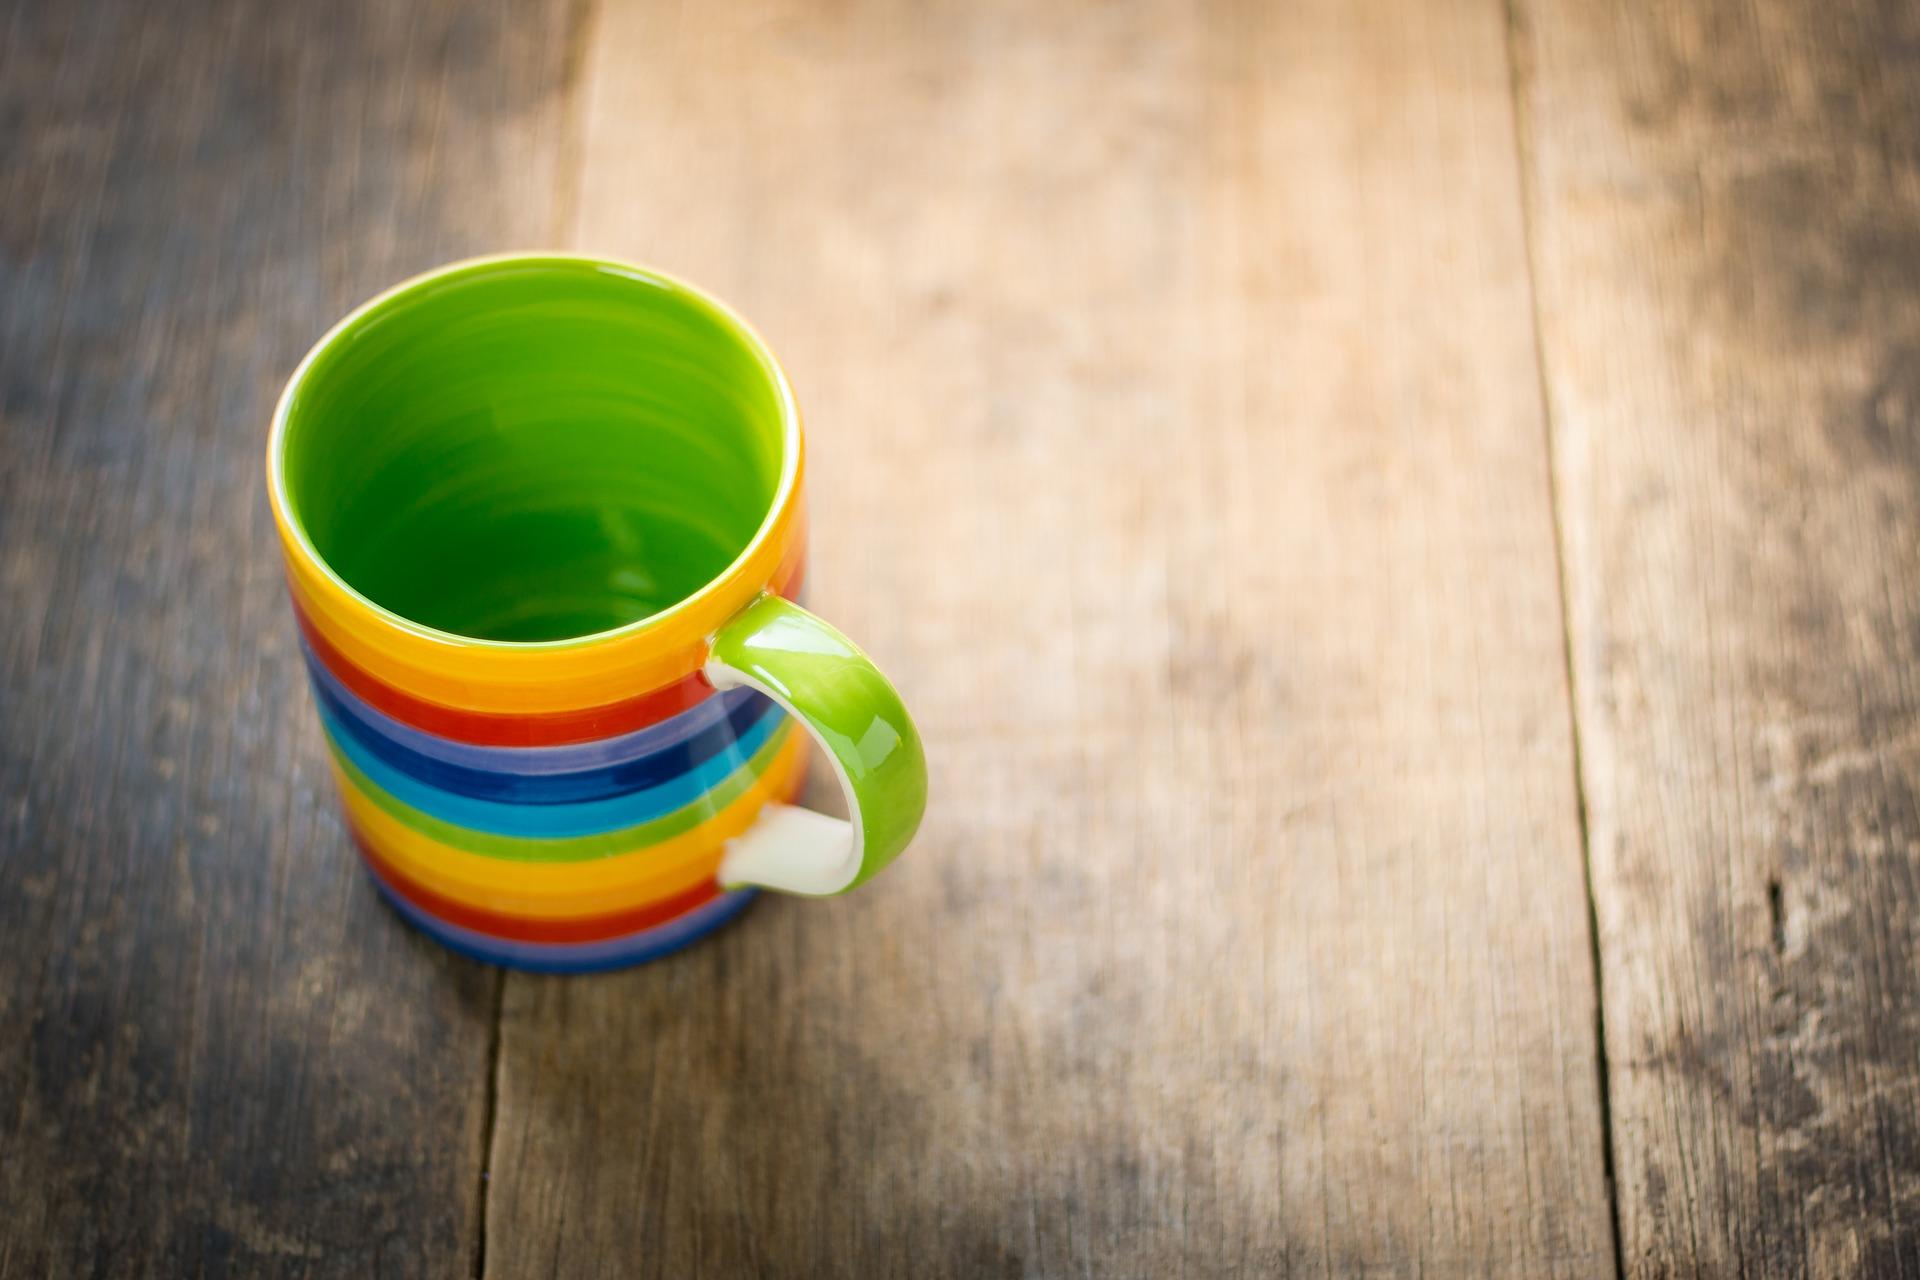 Kaffeetasse auf dem Tisch - Symbol für den Besitztumseffekt